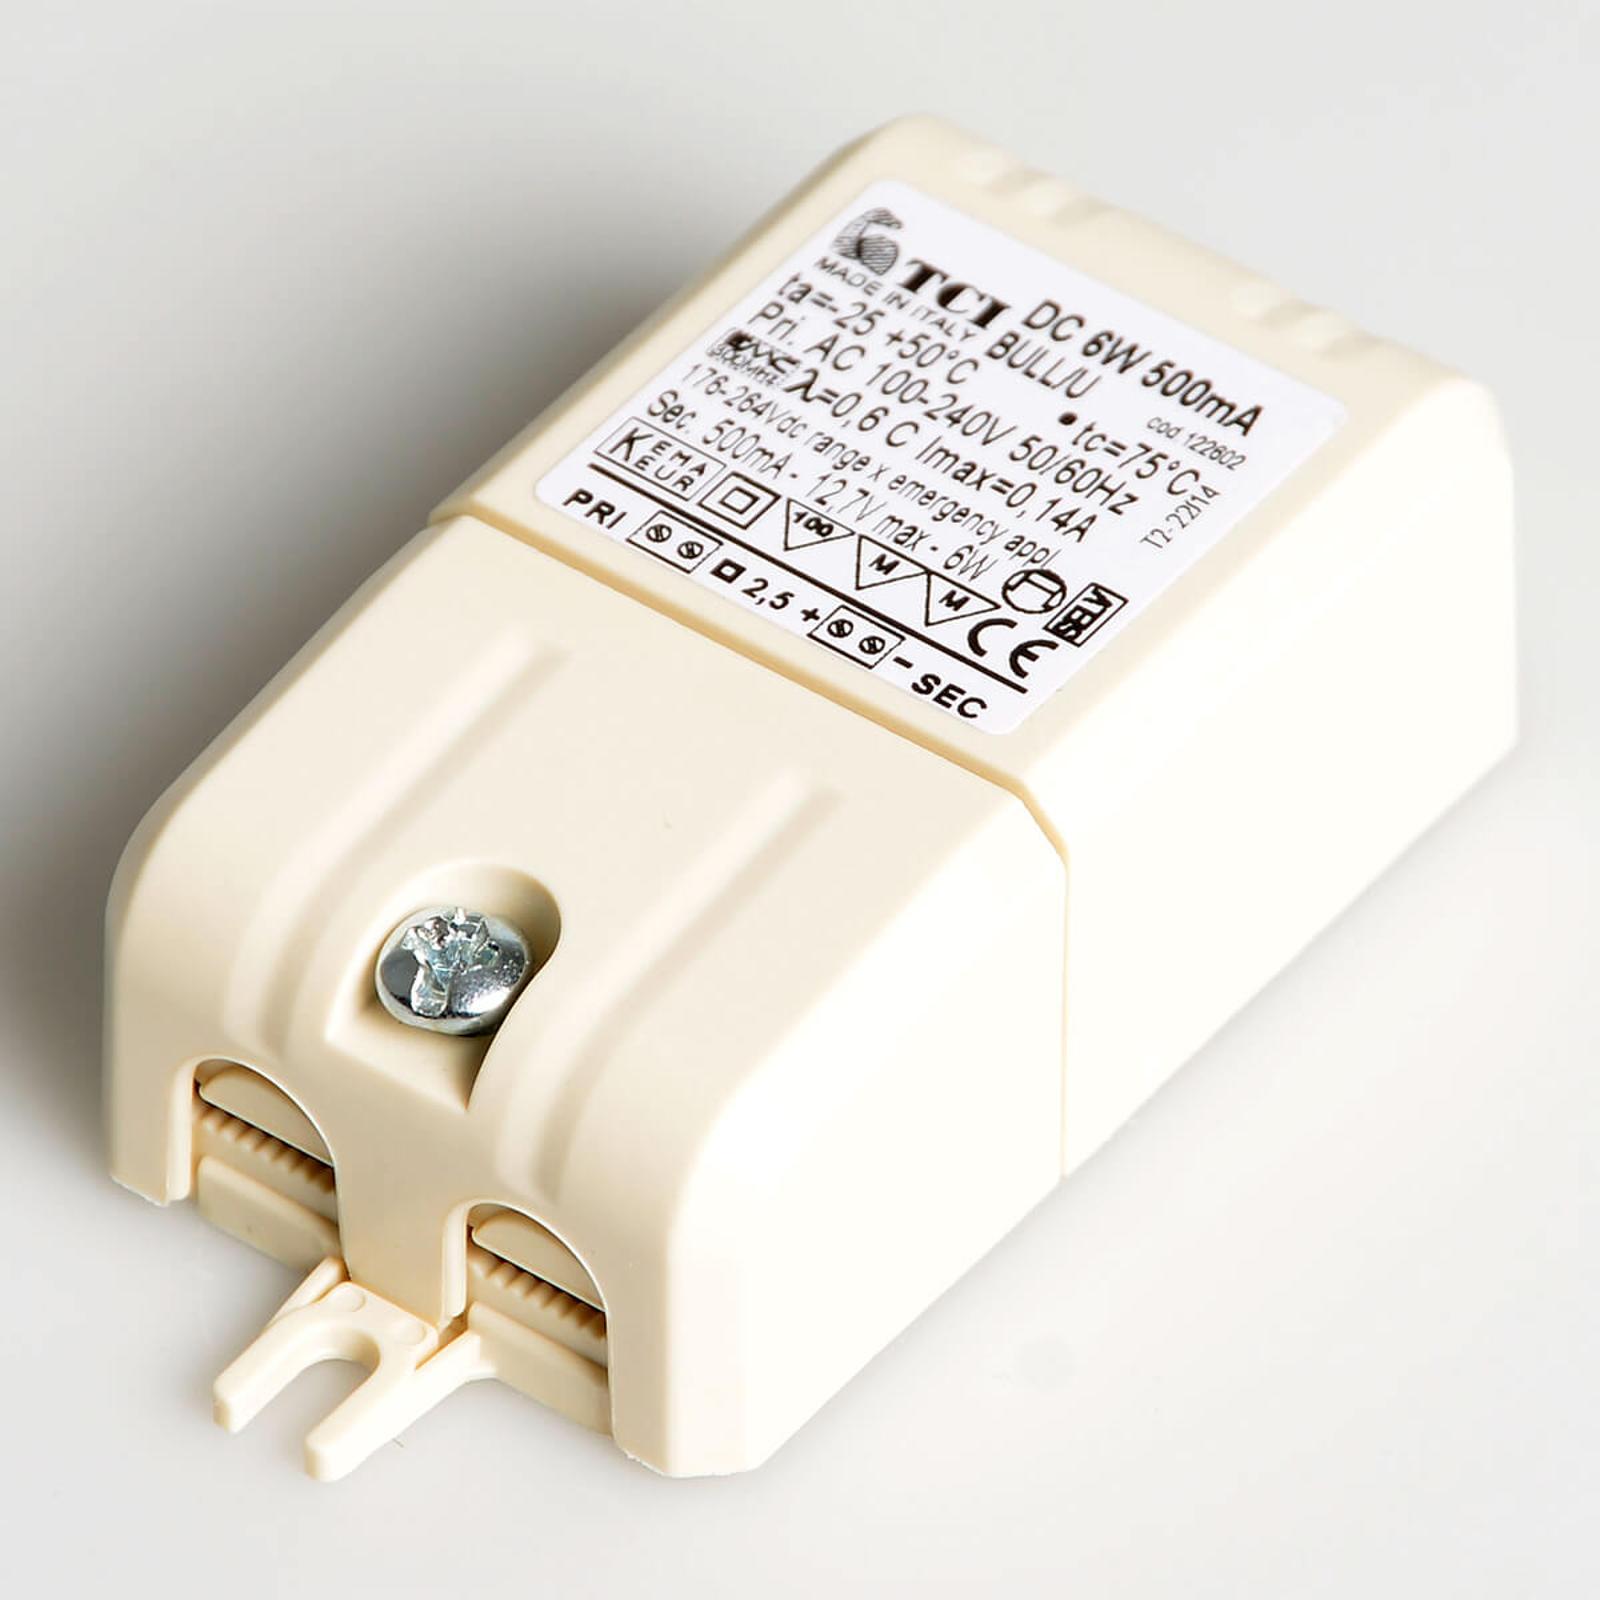 Konwerter LED przycisku dzwonka skrzynki Letterman